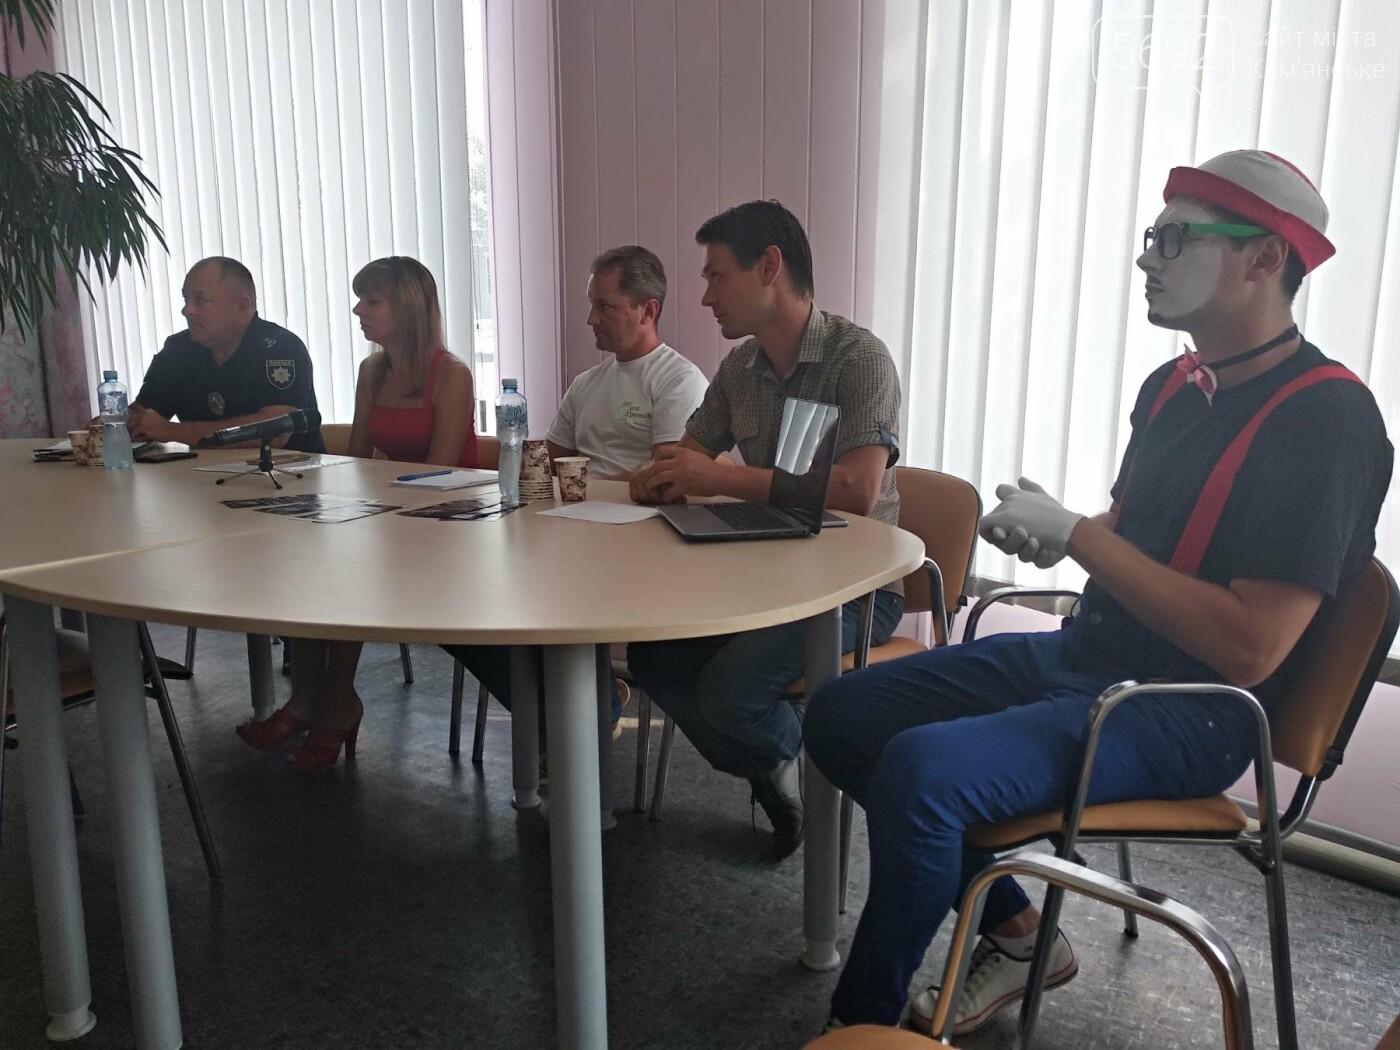 Постоянные ДТП в Каменском: в бибиотеке прошел круглый стол активистов совместно с полицией, фото-2